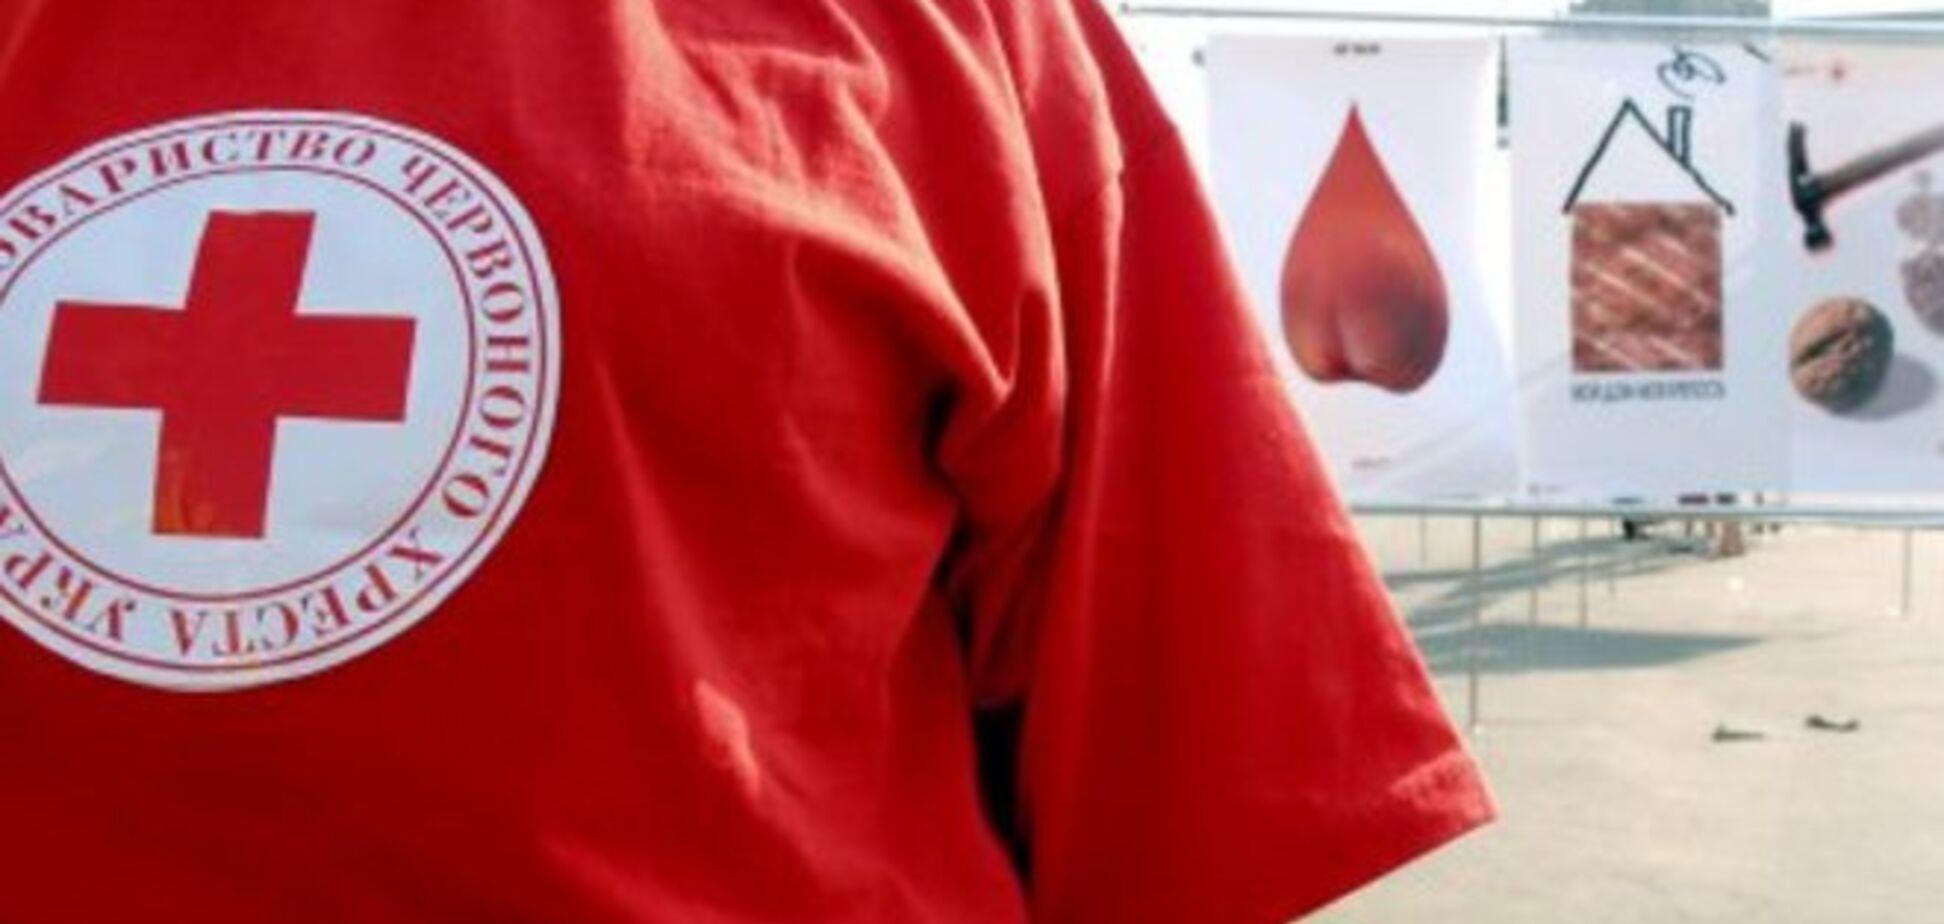 У Донецьку терористи напали на офіс 'Червоного хреста' і захопили 7 заручників